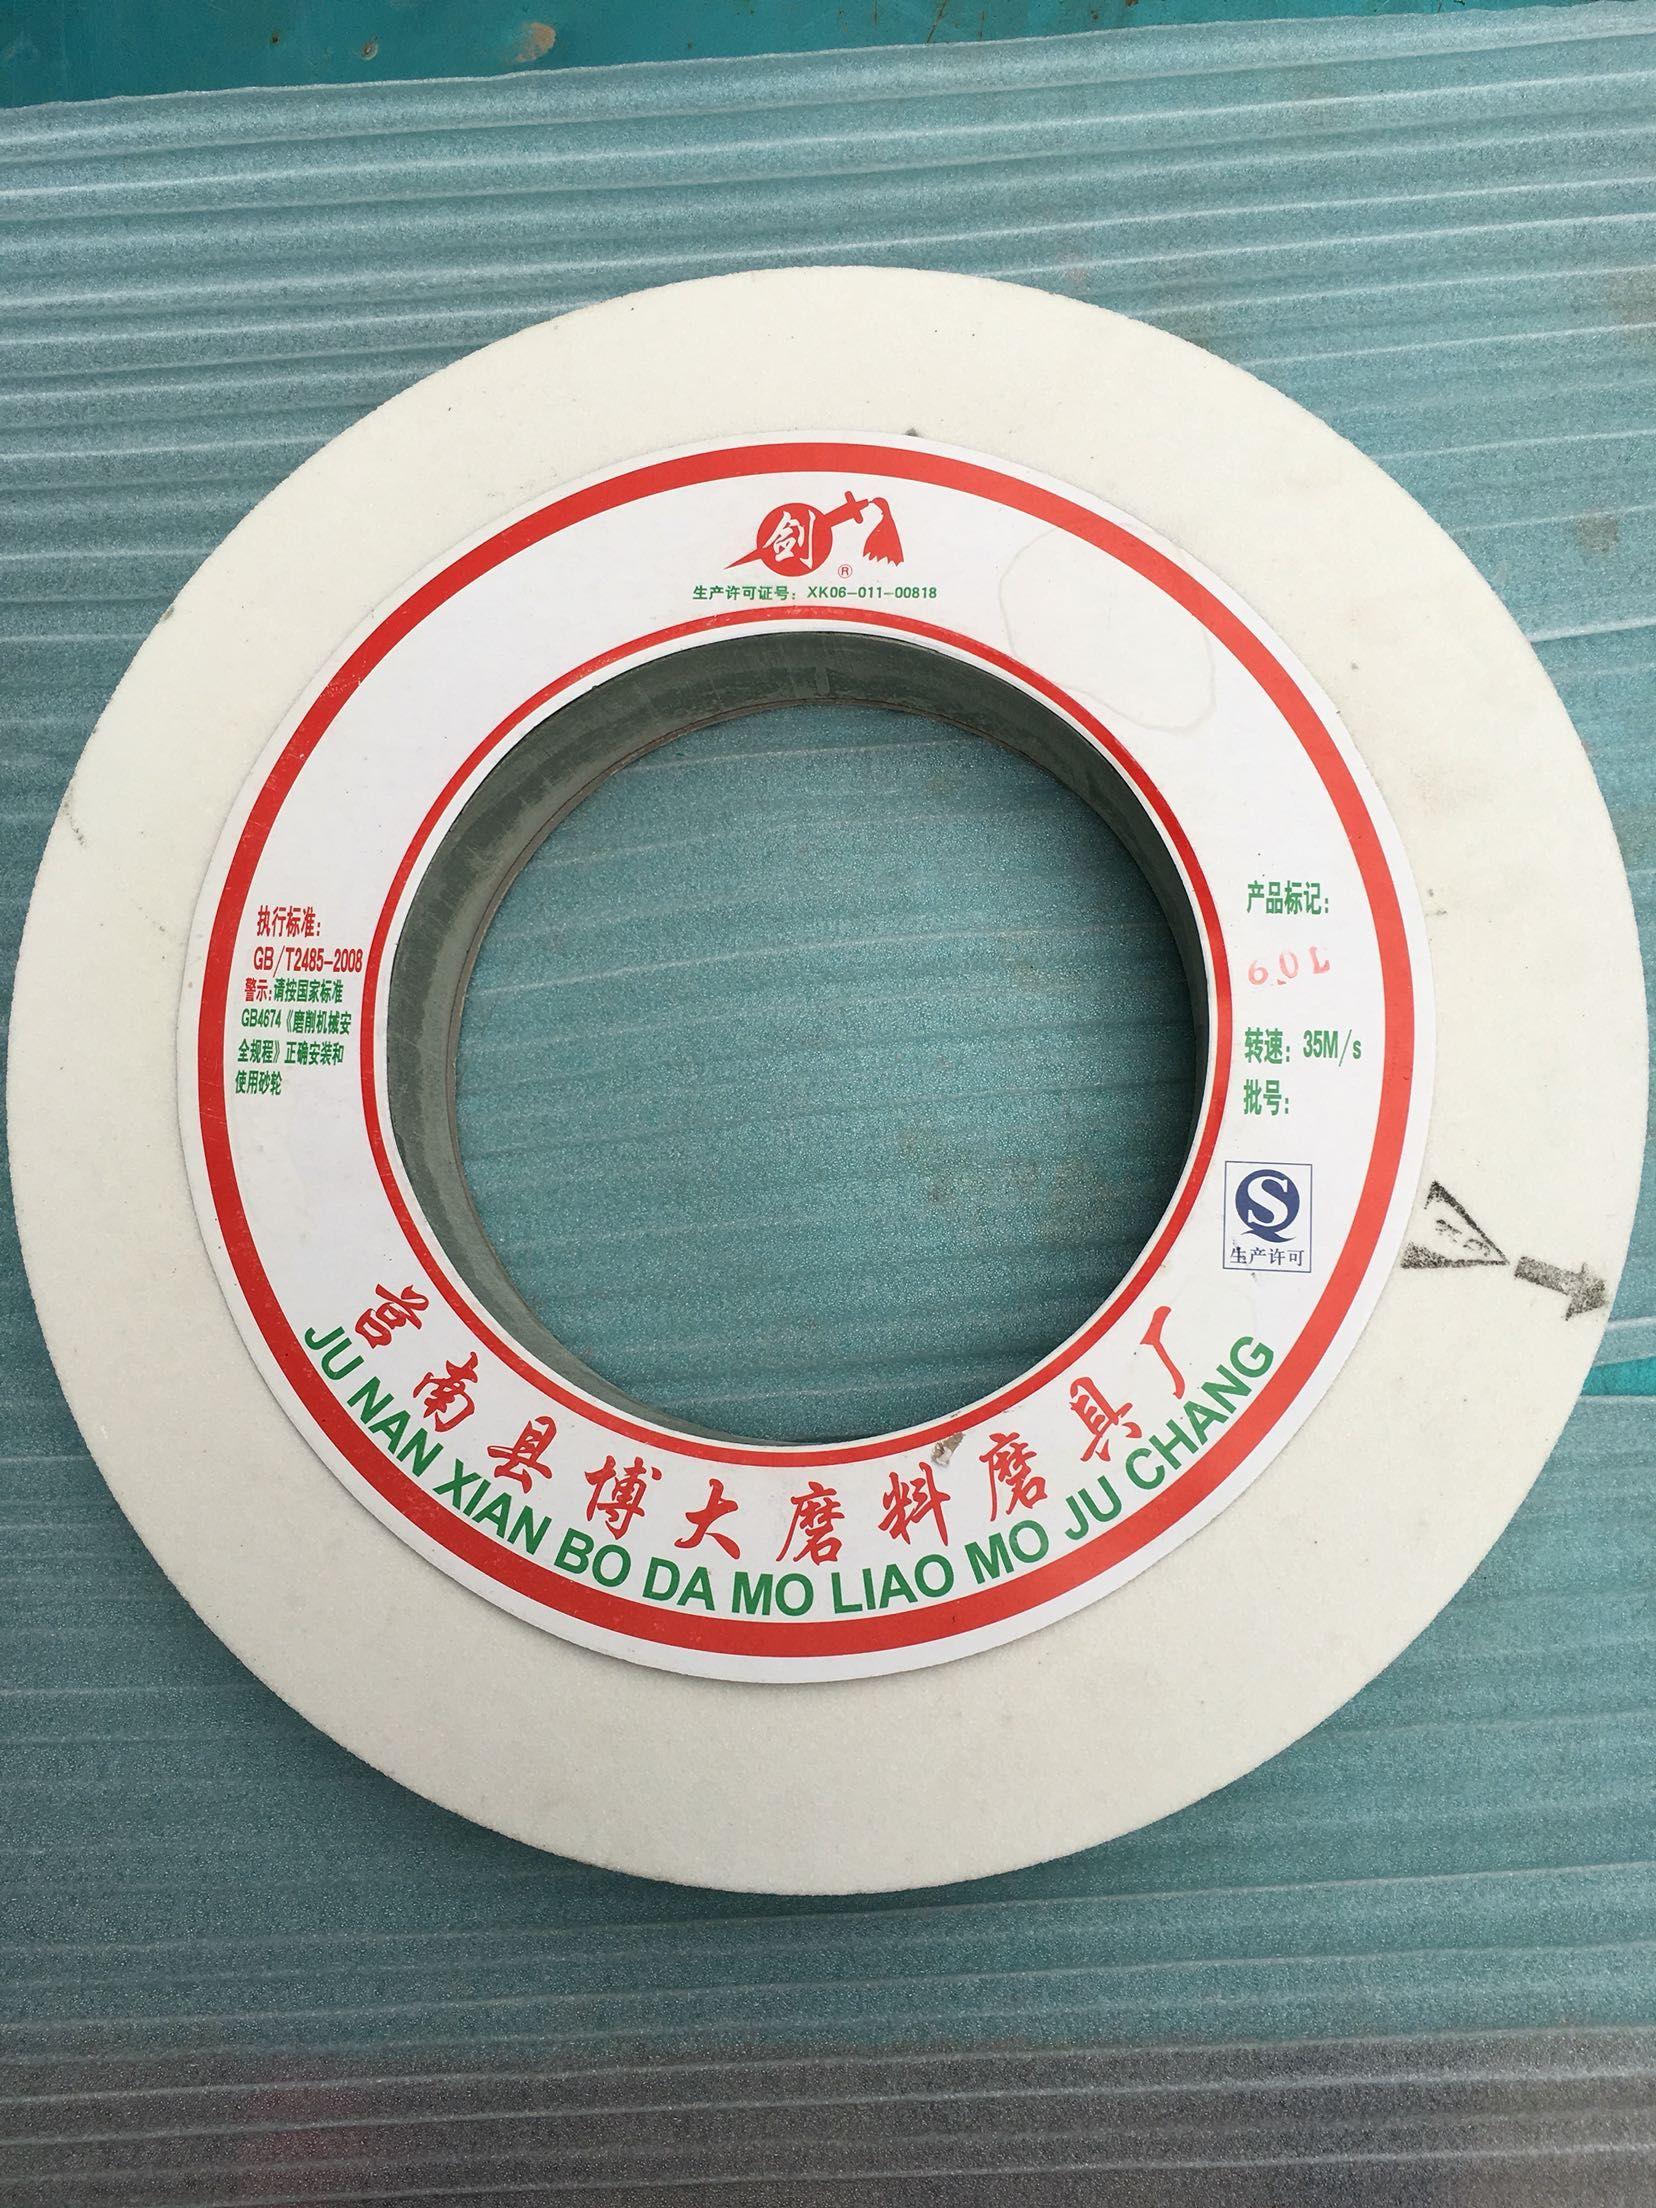 La venta directa de la fábrica de cerámica de la gran espada de rueda rueda rueda - rueda de moler muela plana circular de 400 - 500